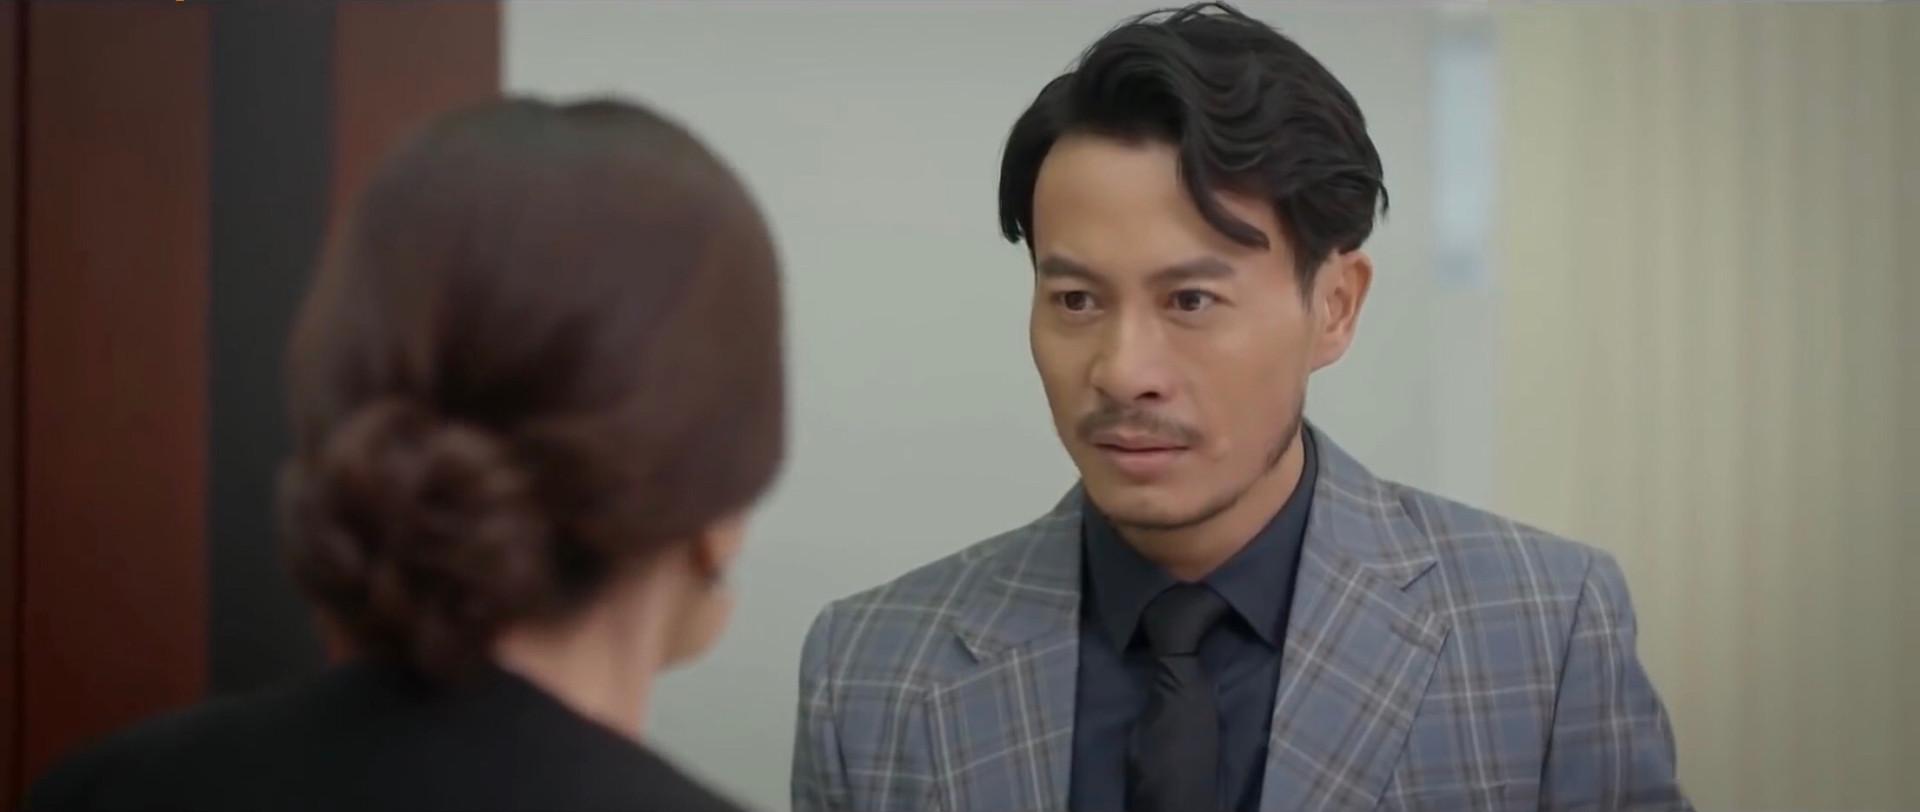 """""""Trói buộc yêu thương"""" tập 14: Biết Khánh qua lại hợp tác với người yêu cũ bà Lan sẽ làm gì?"""